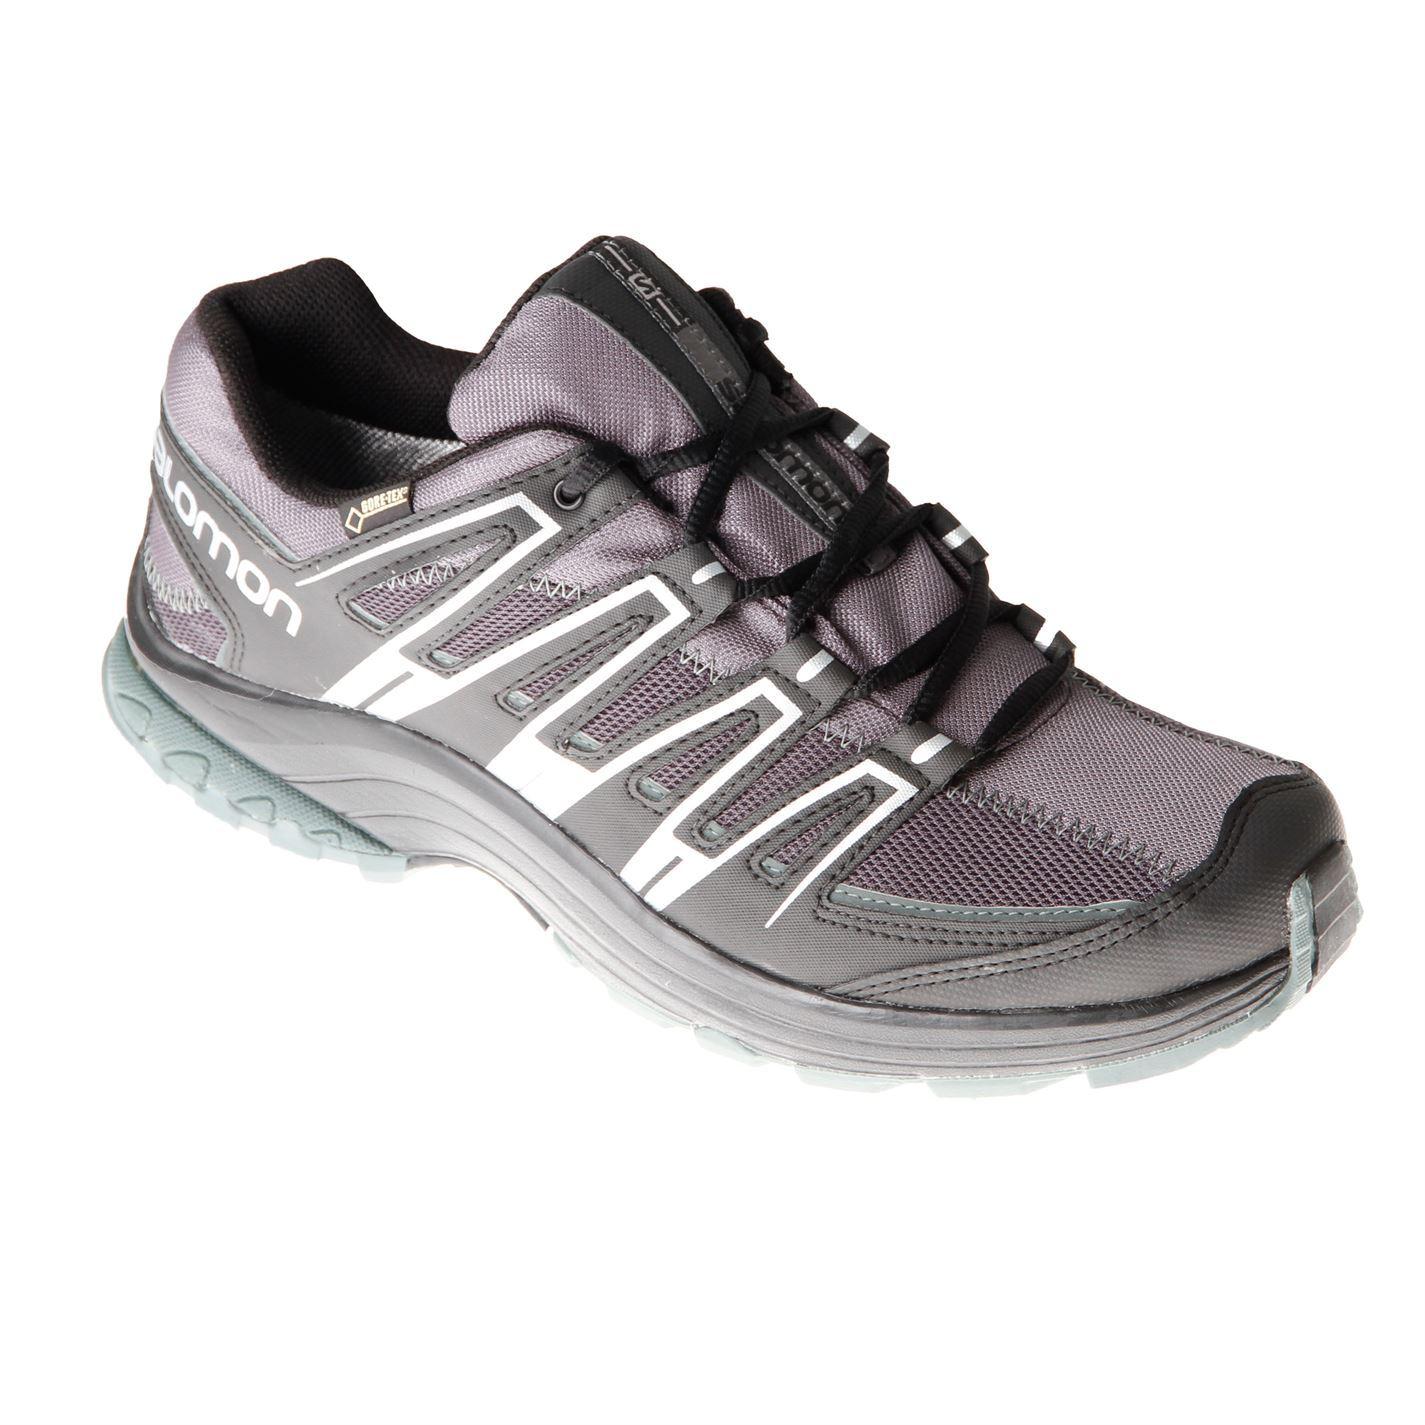 salomon mens mundi gtx walking shoes lace up hiking